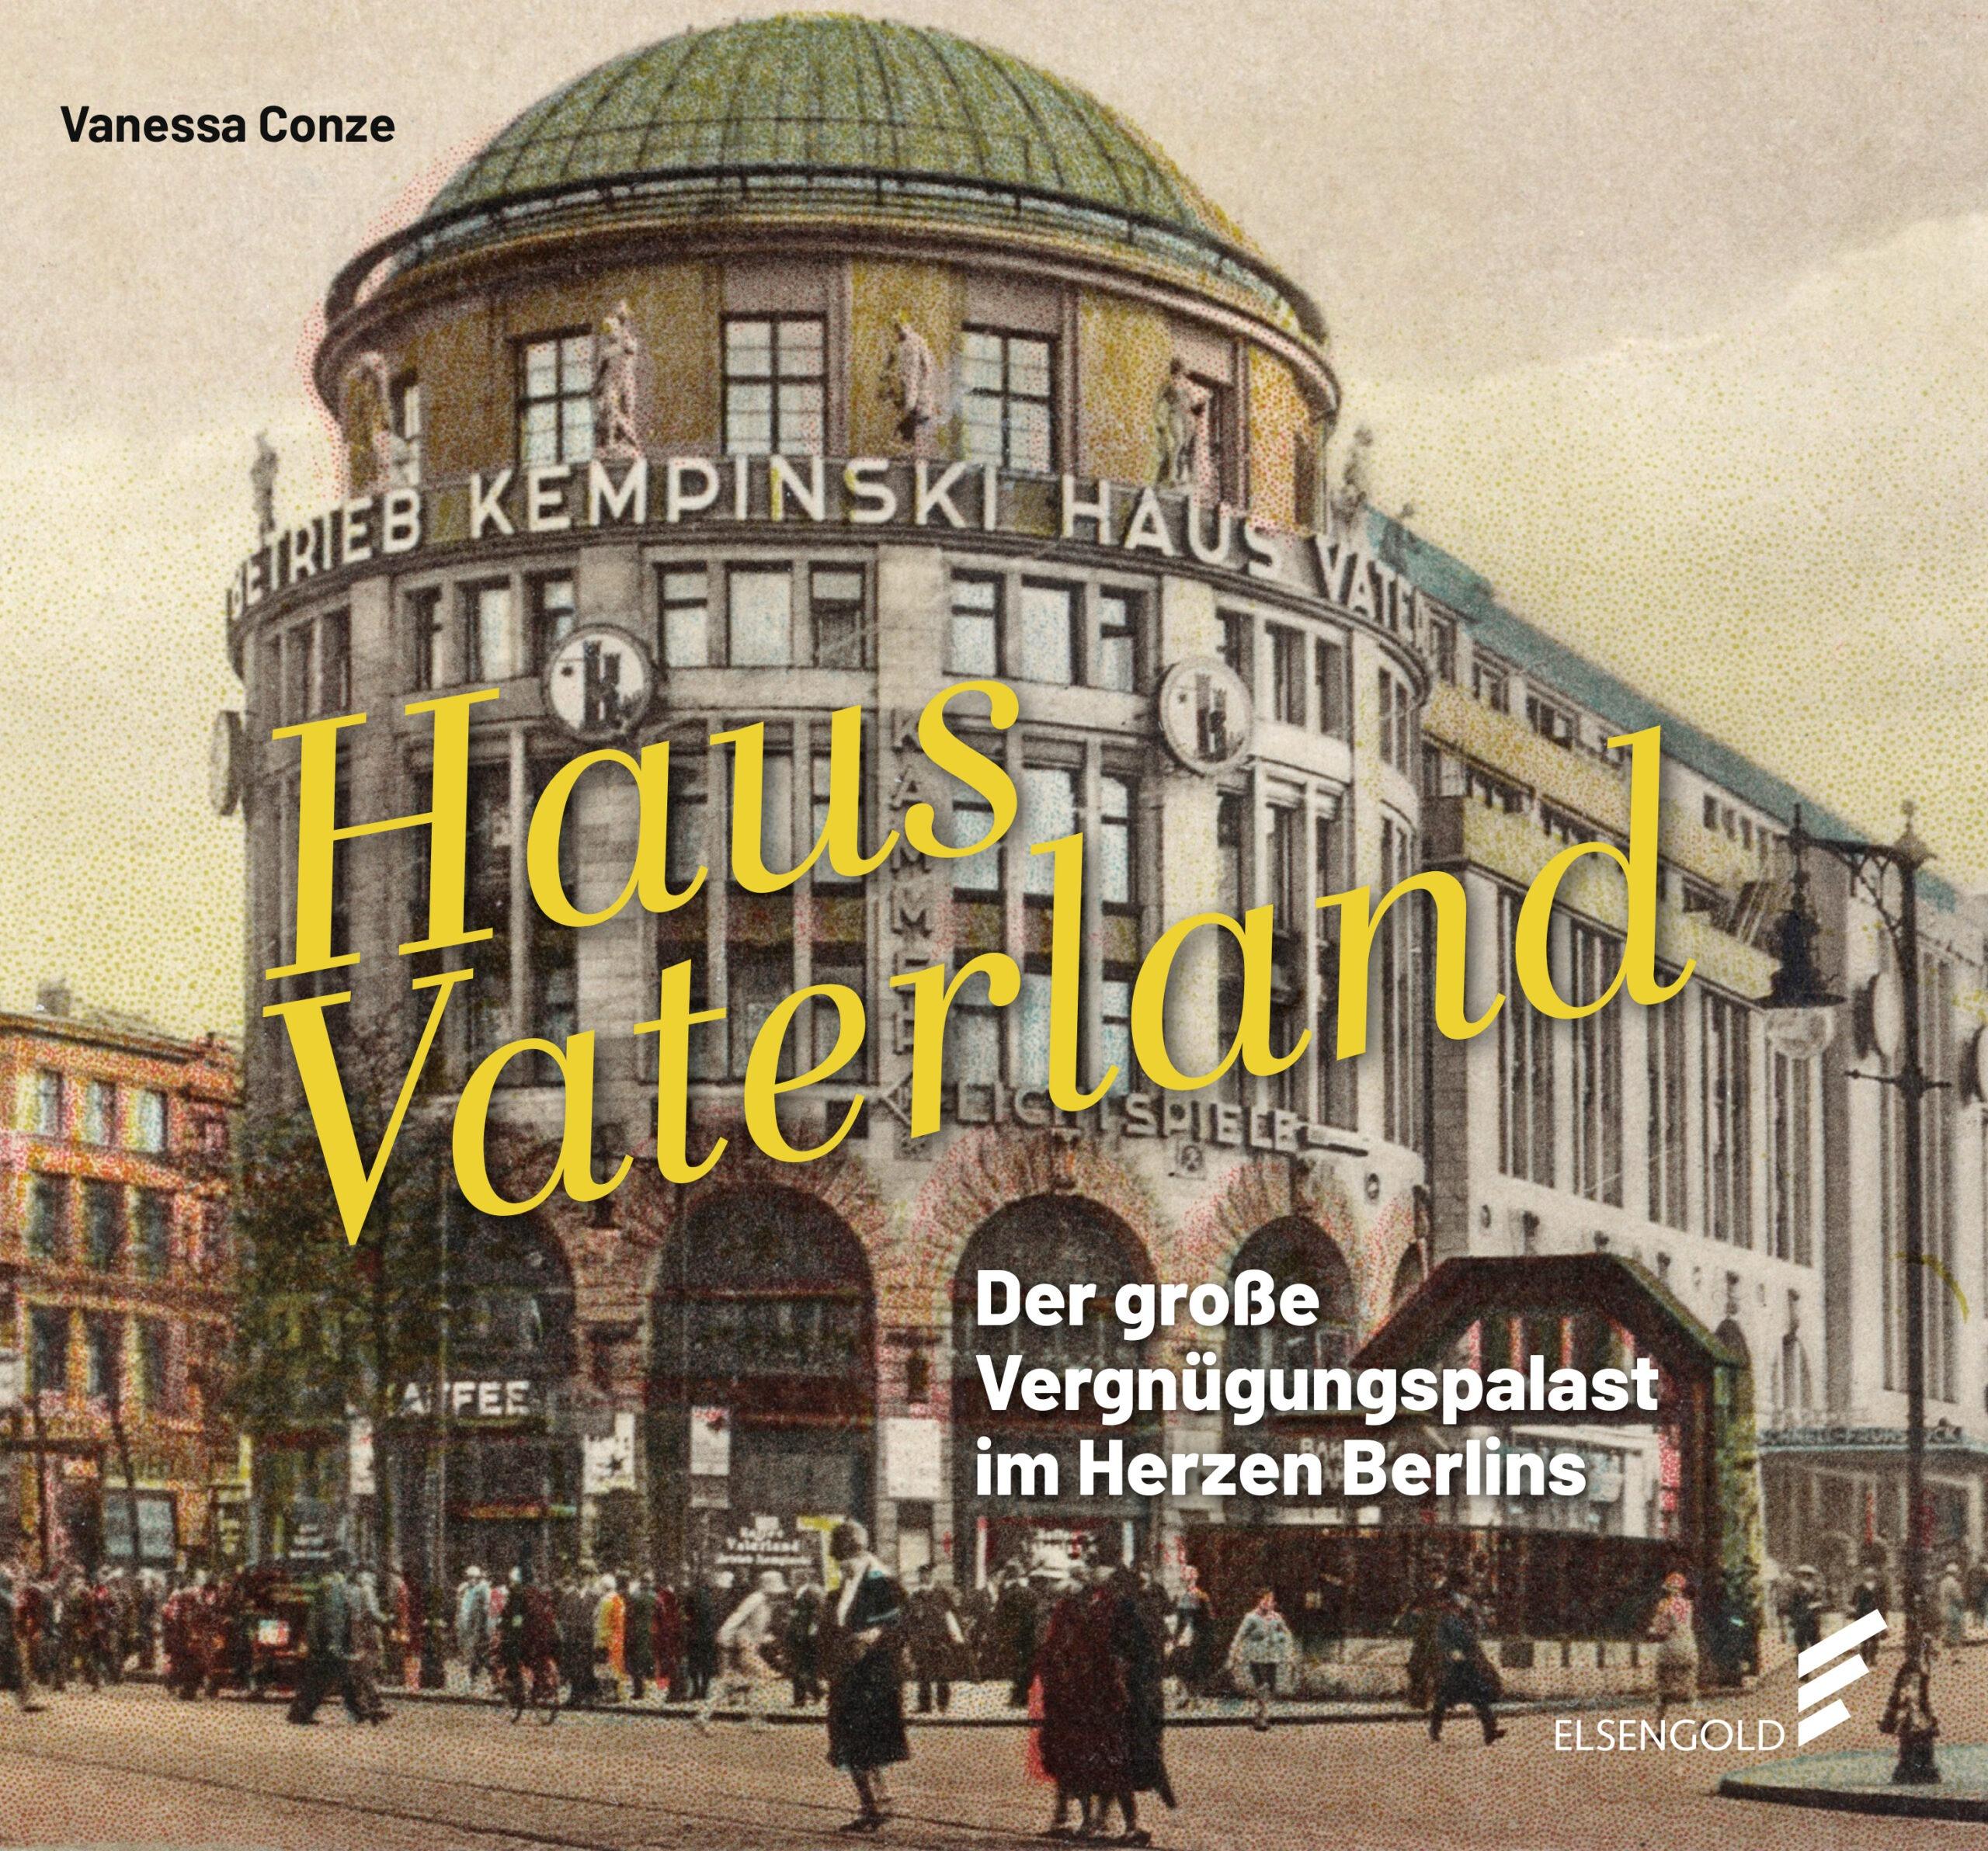 Das Bild zeigt das Cover zum Buch Haus Vaterland.